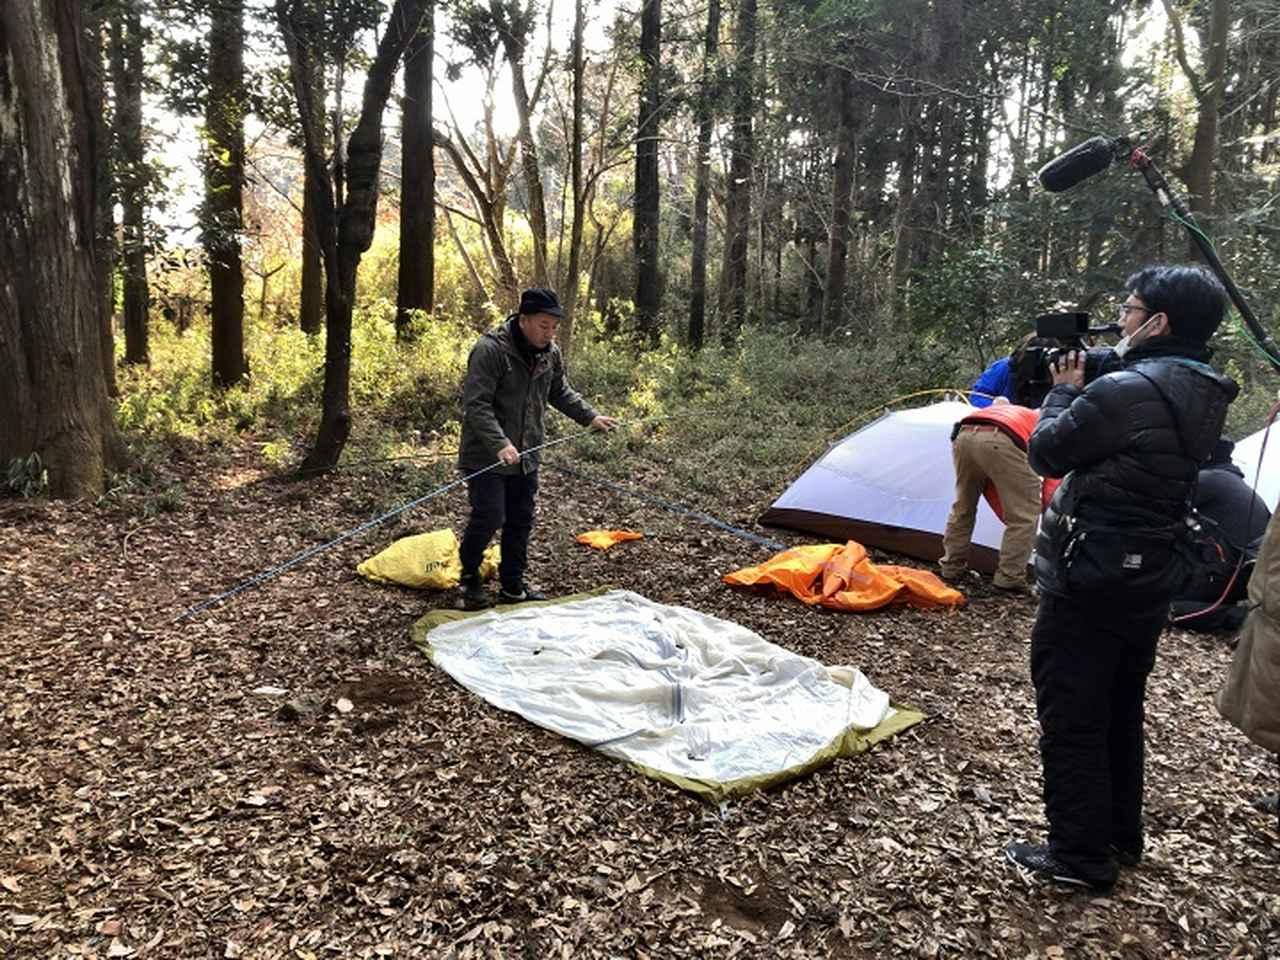 画像: 登山用の小型軽量テントを設営! バイきんぐ西村さんとドランクドラゴン鈴木さんが大モメ!?